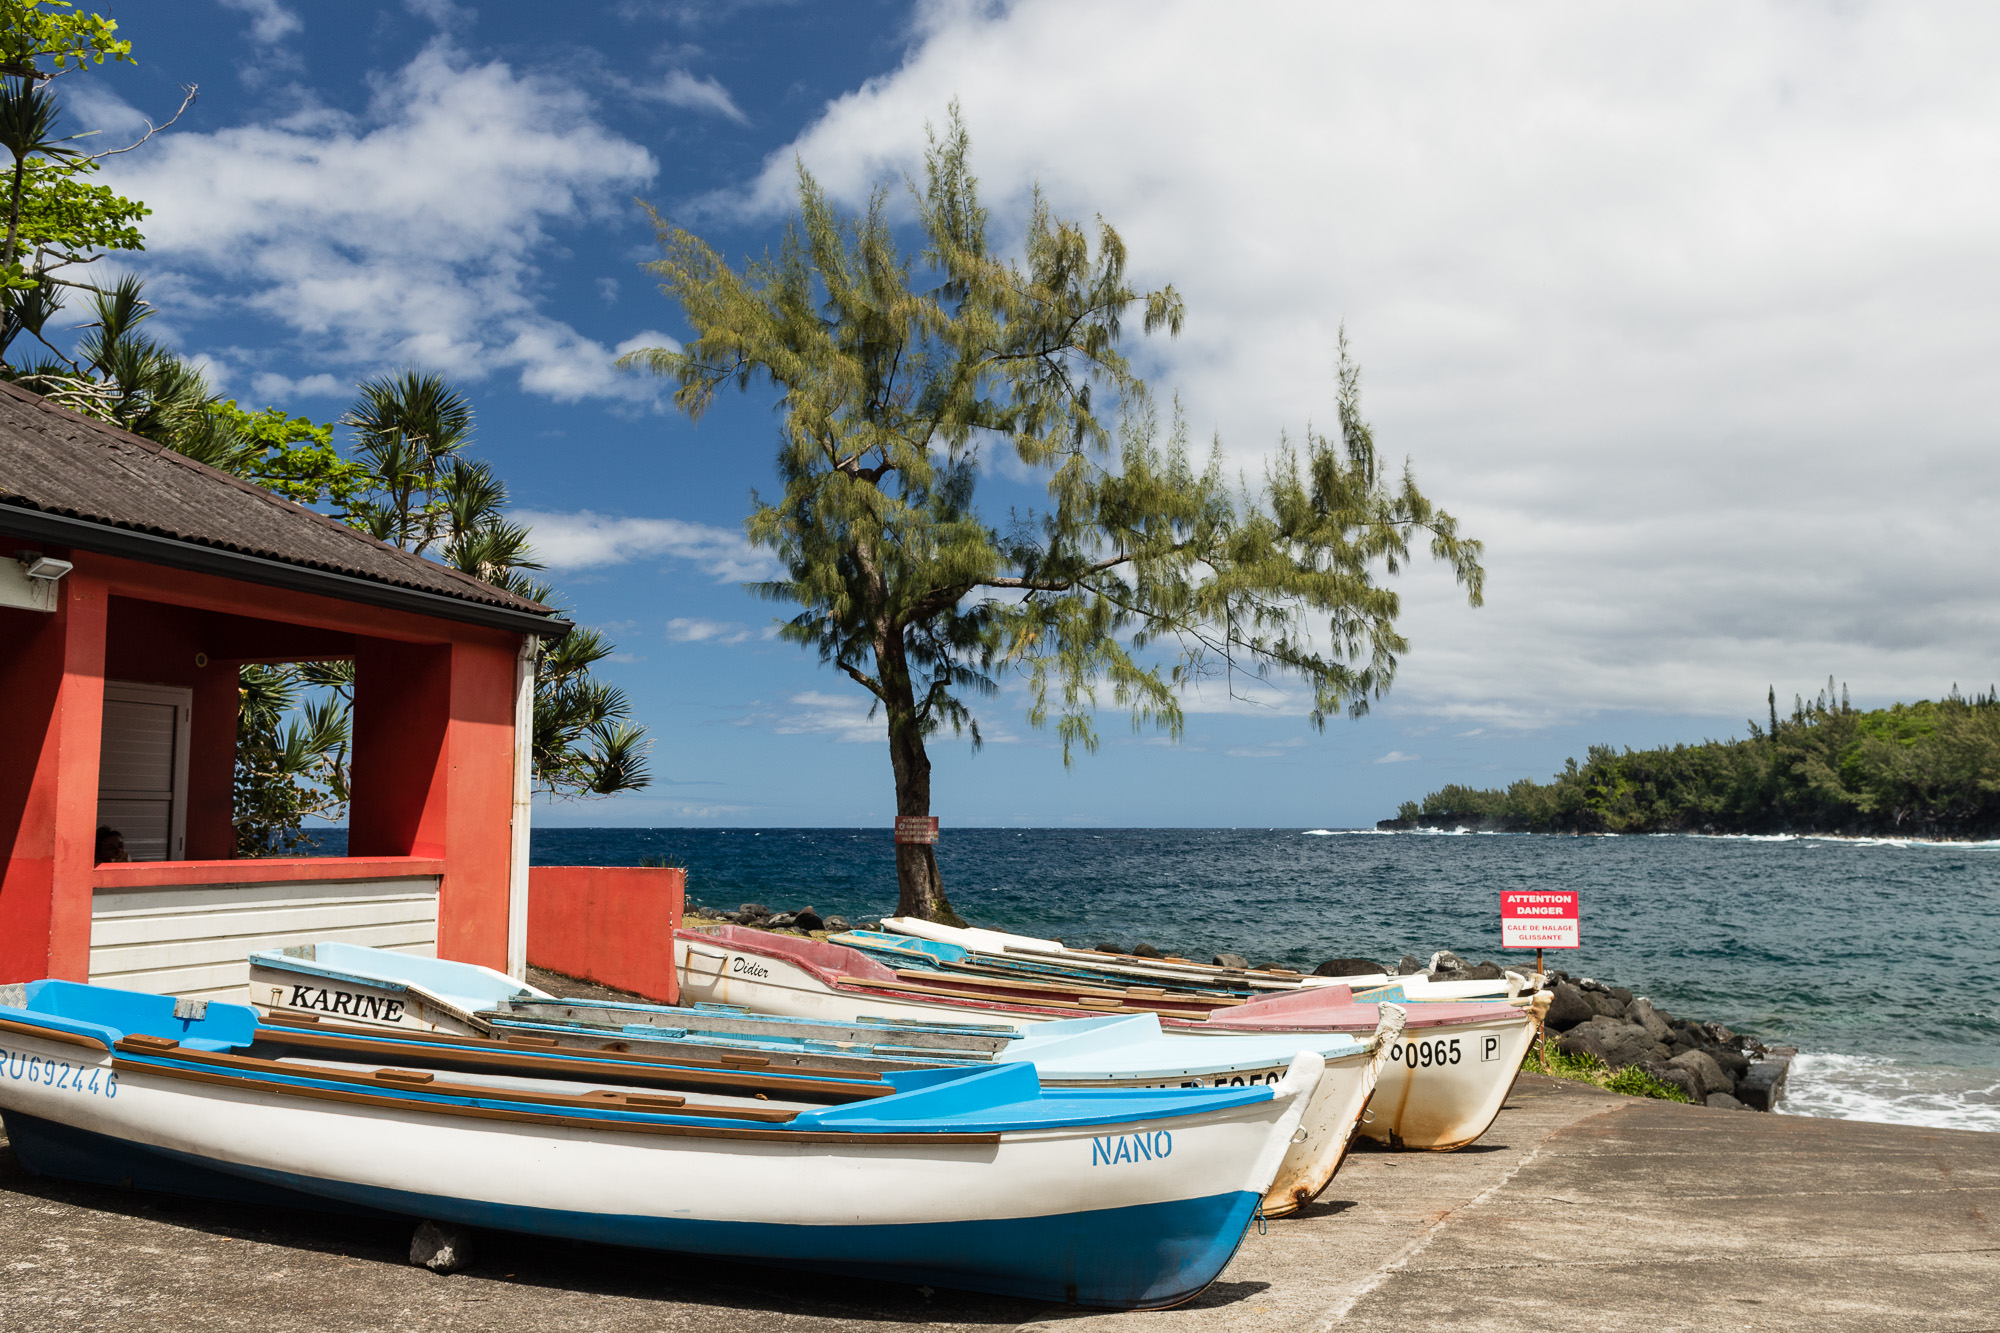 barques de pêcheurs et bâtiment rouge vif, anse des cascades, la réunion